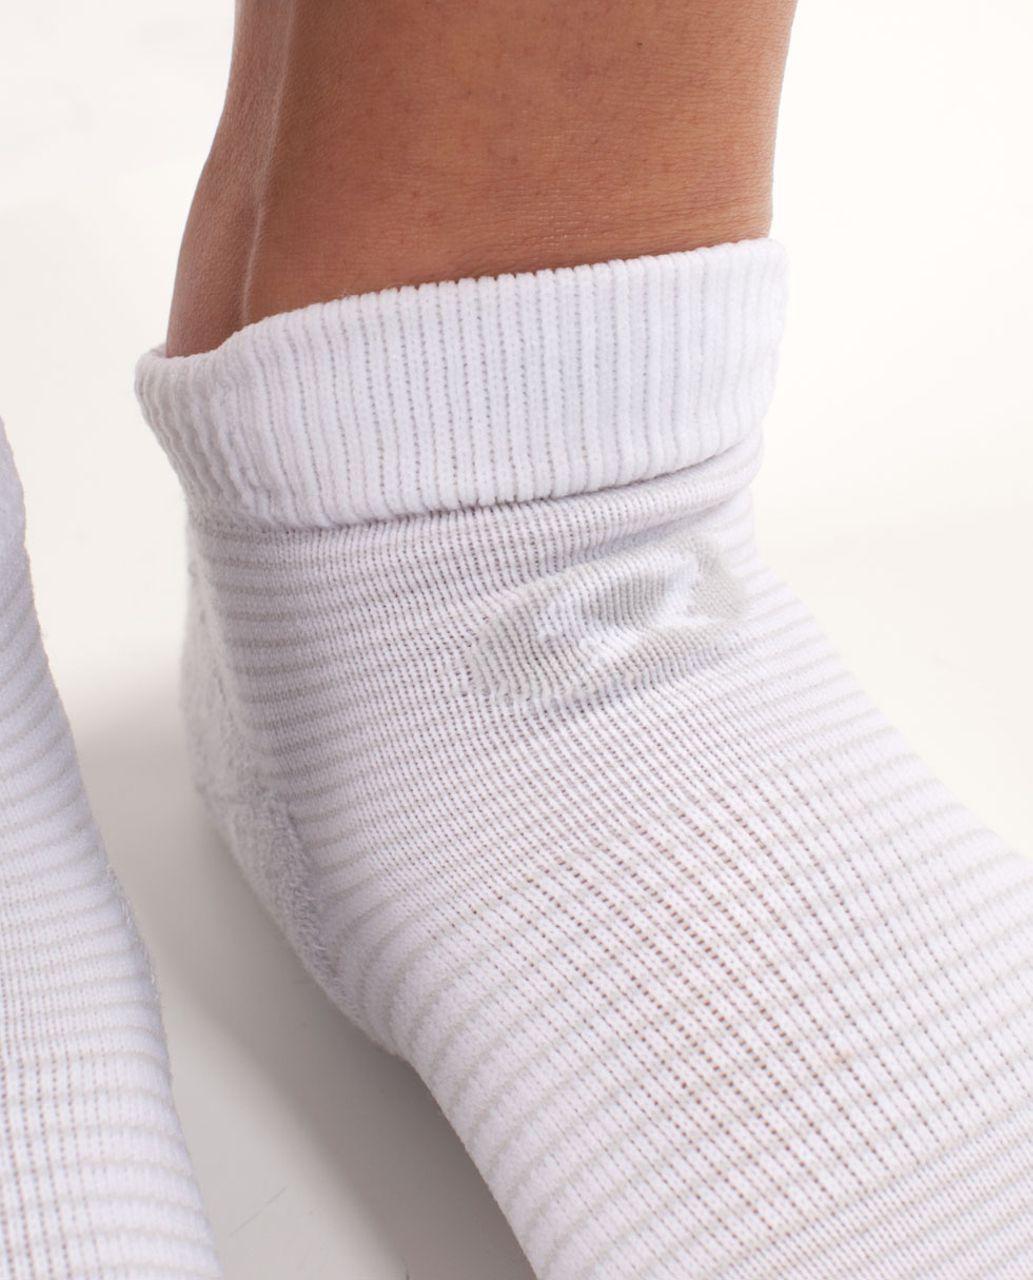 Lululemon Women's Ultimate Padded Run Sock - White Silver Spoon Feeder Stripe